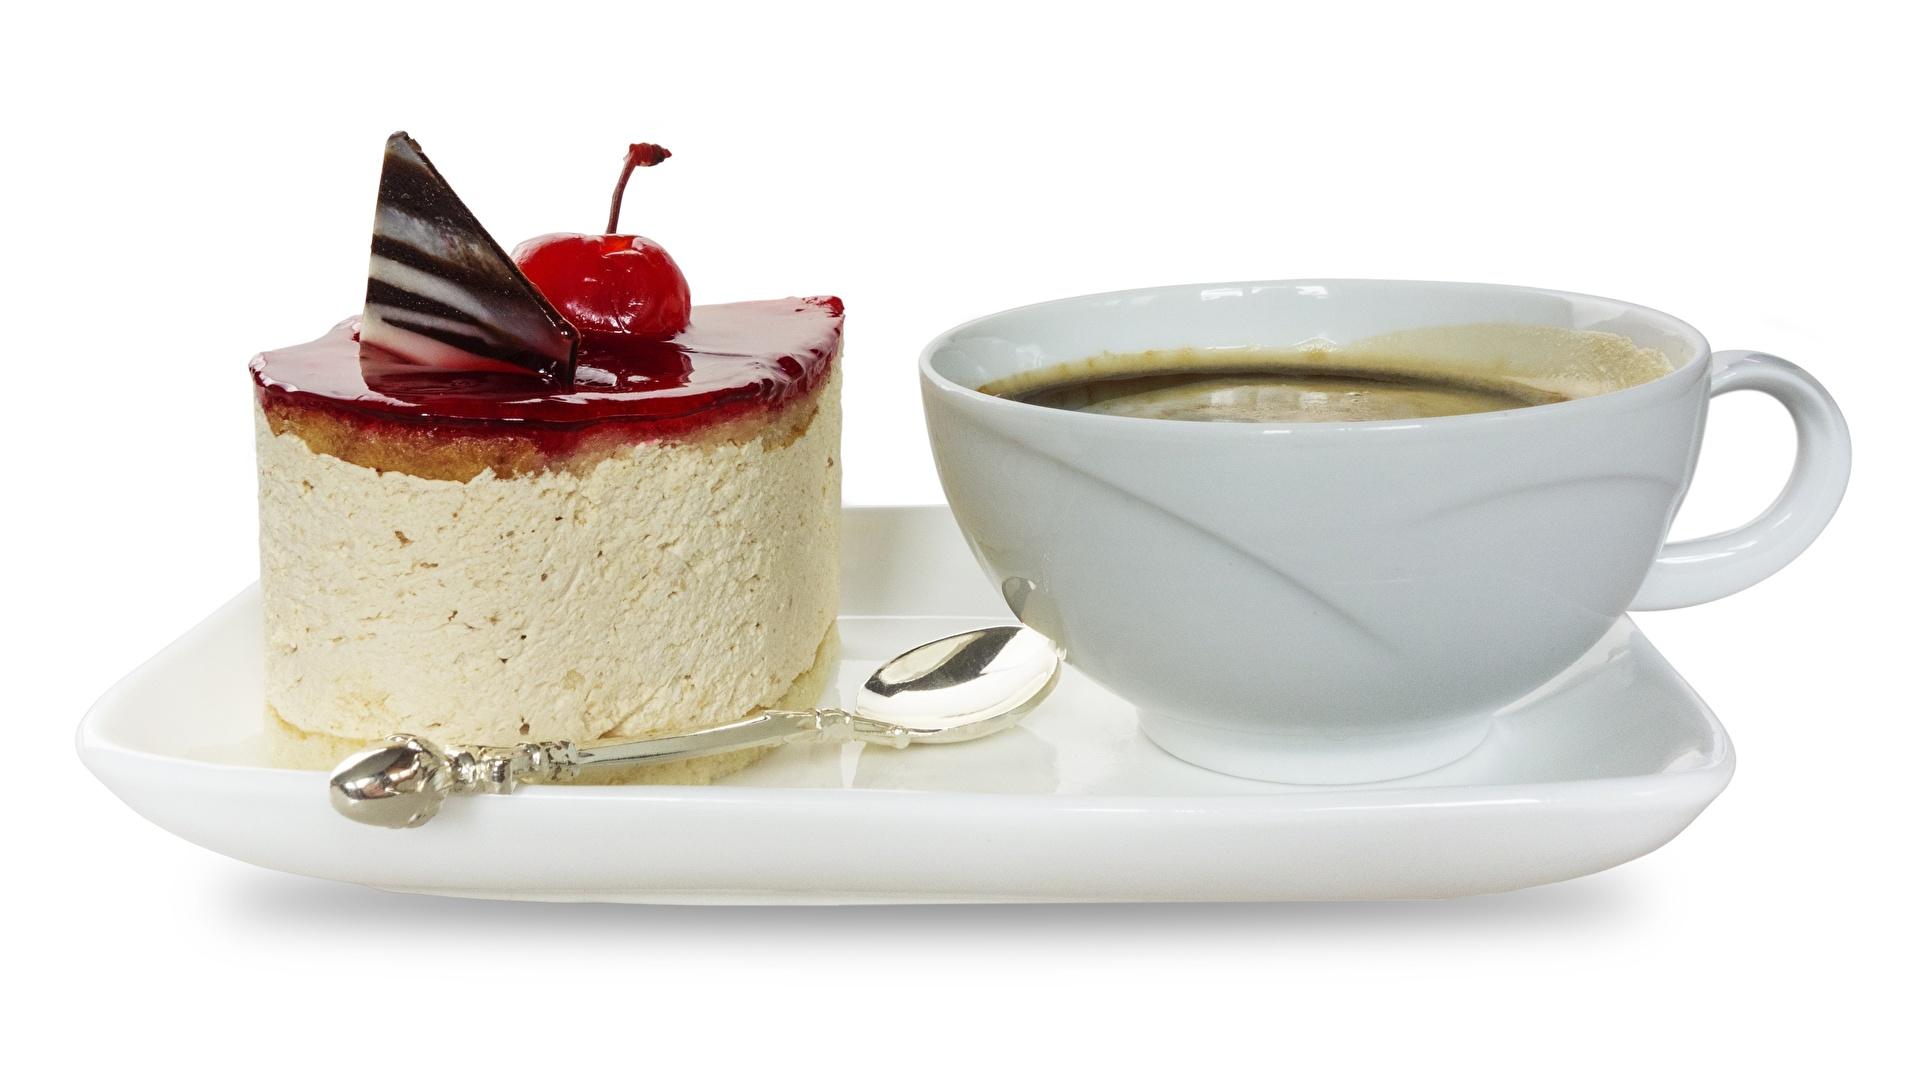 Обои Кофе Торты Завтрак Десерт Еда чашке Белый фон 1920x1080 Пища Чашка Продукты питания